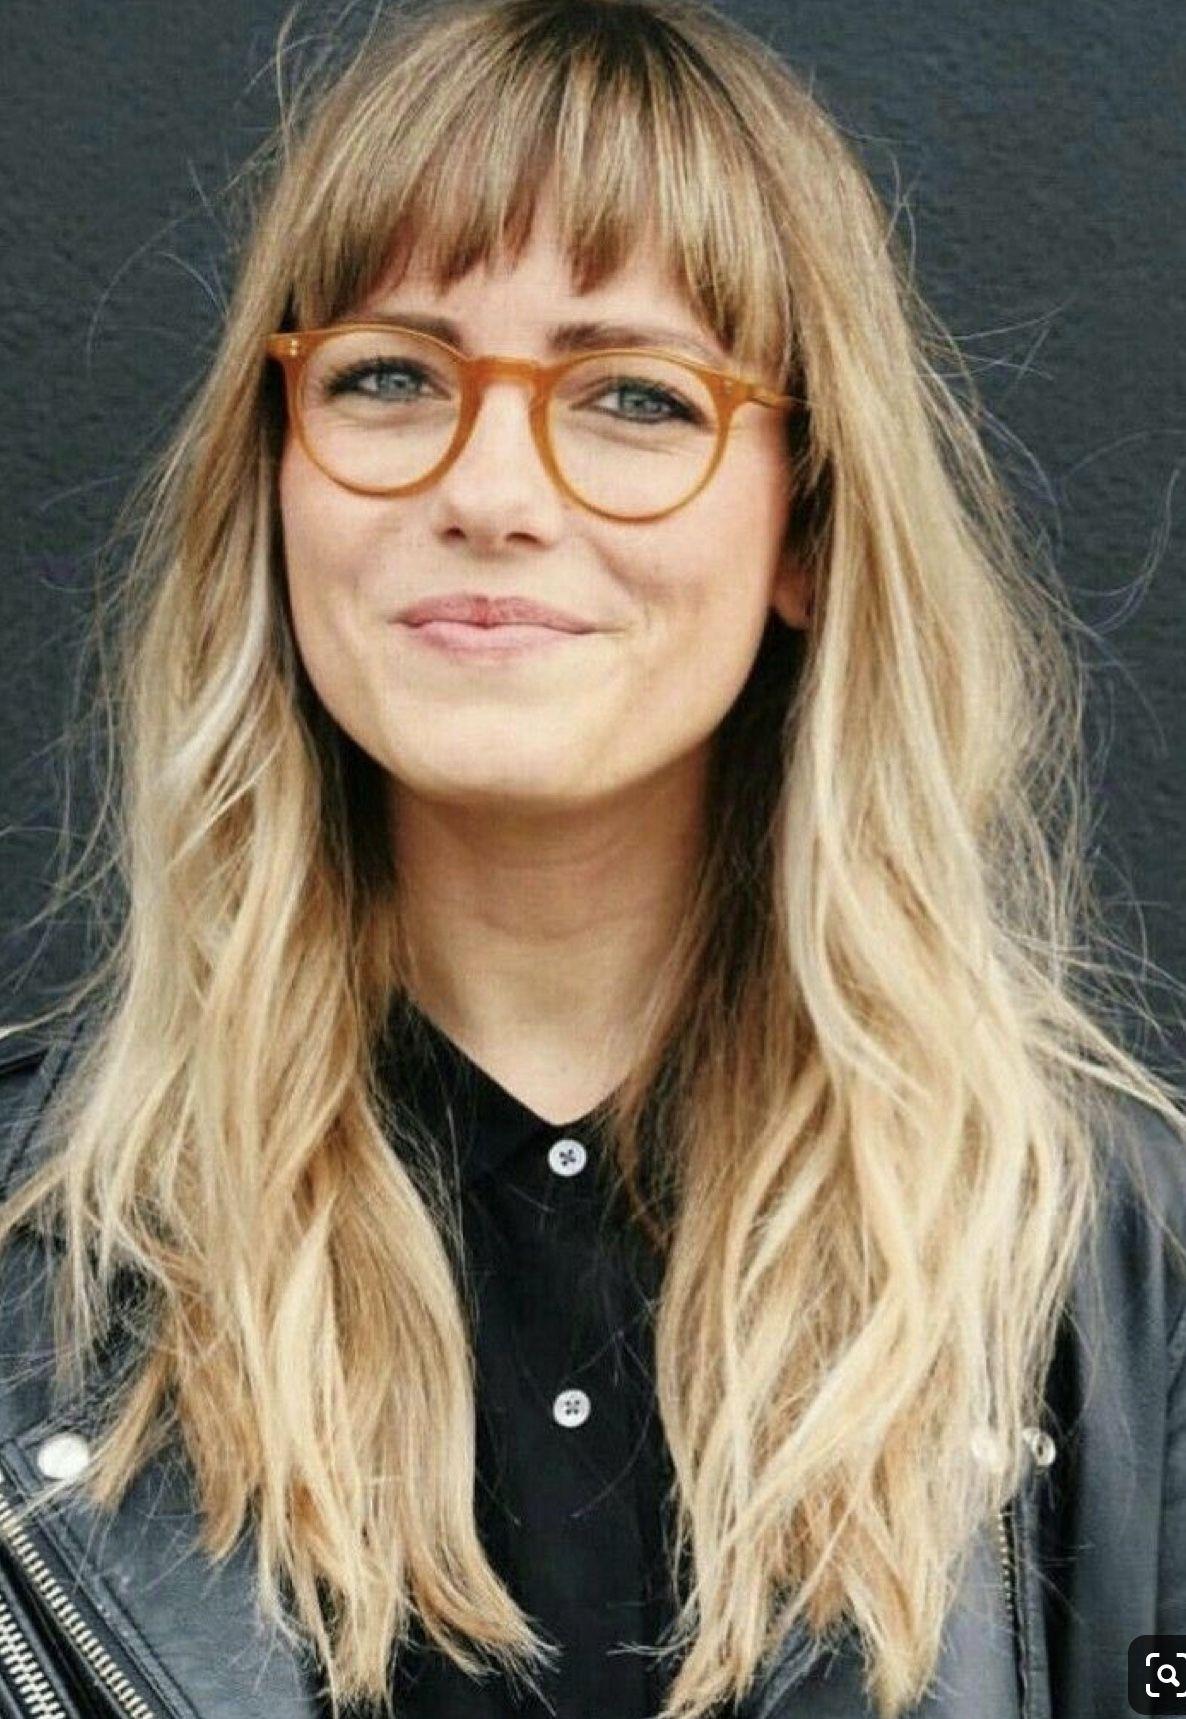 Pin Von Brittany Hobson Auf Frisur In 2020 Frisuren Lange Haare Brille Pony Frisur Brille Blonde Lange Haare Mit Pony